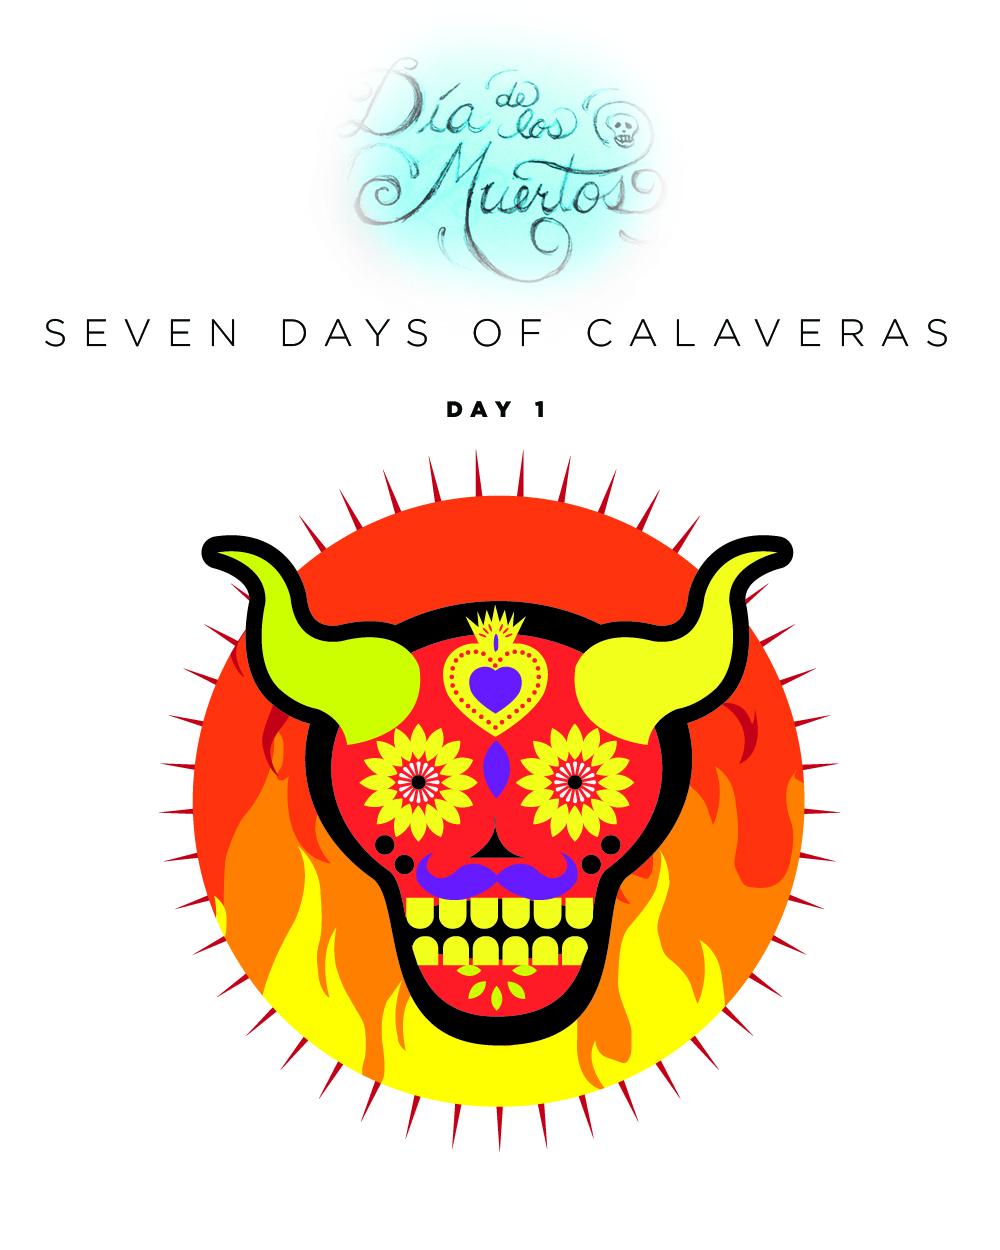 SEVEN days of calaveras day 1